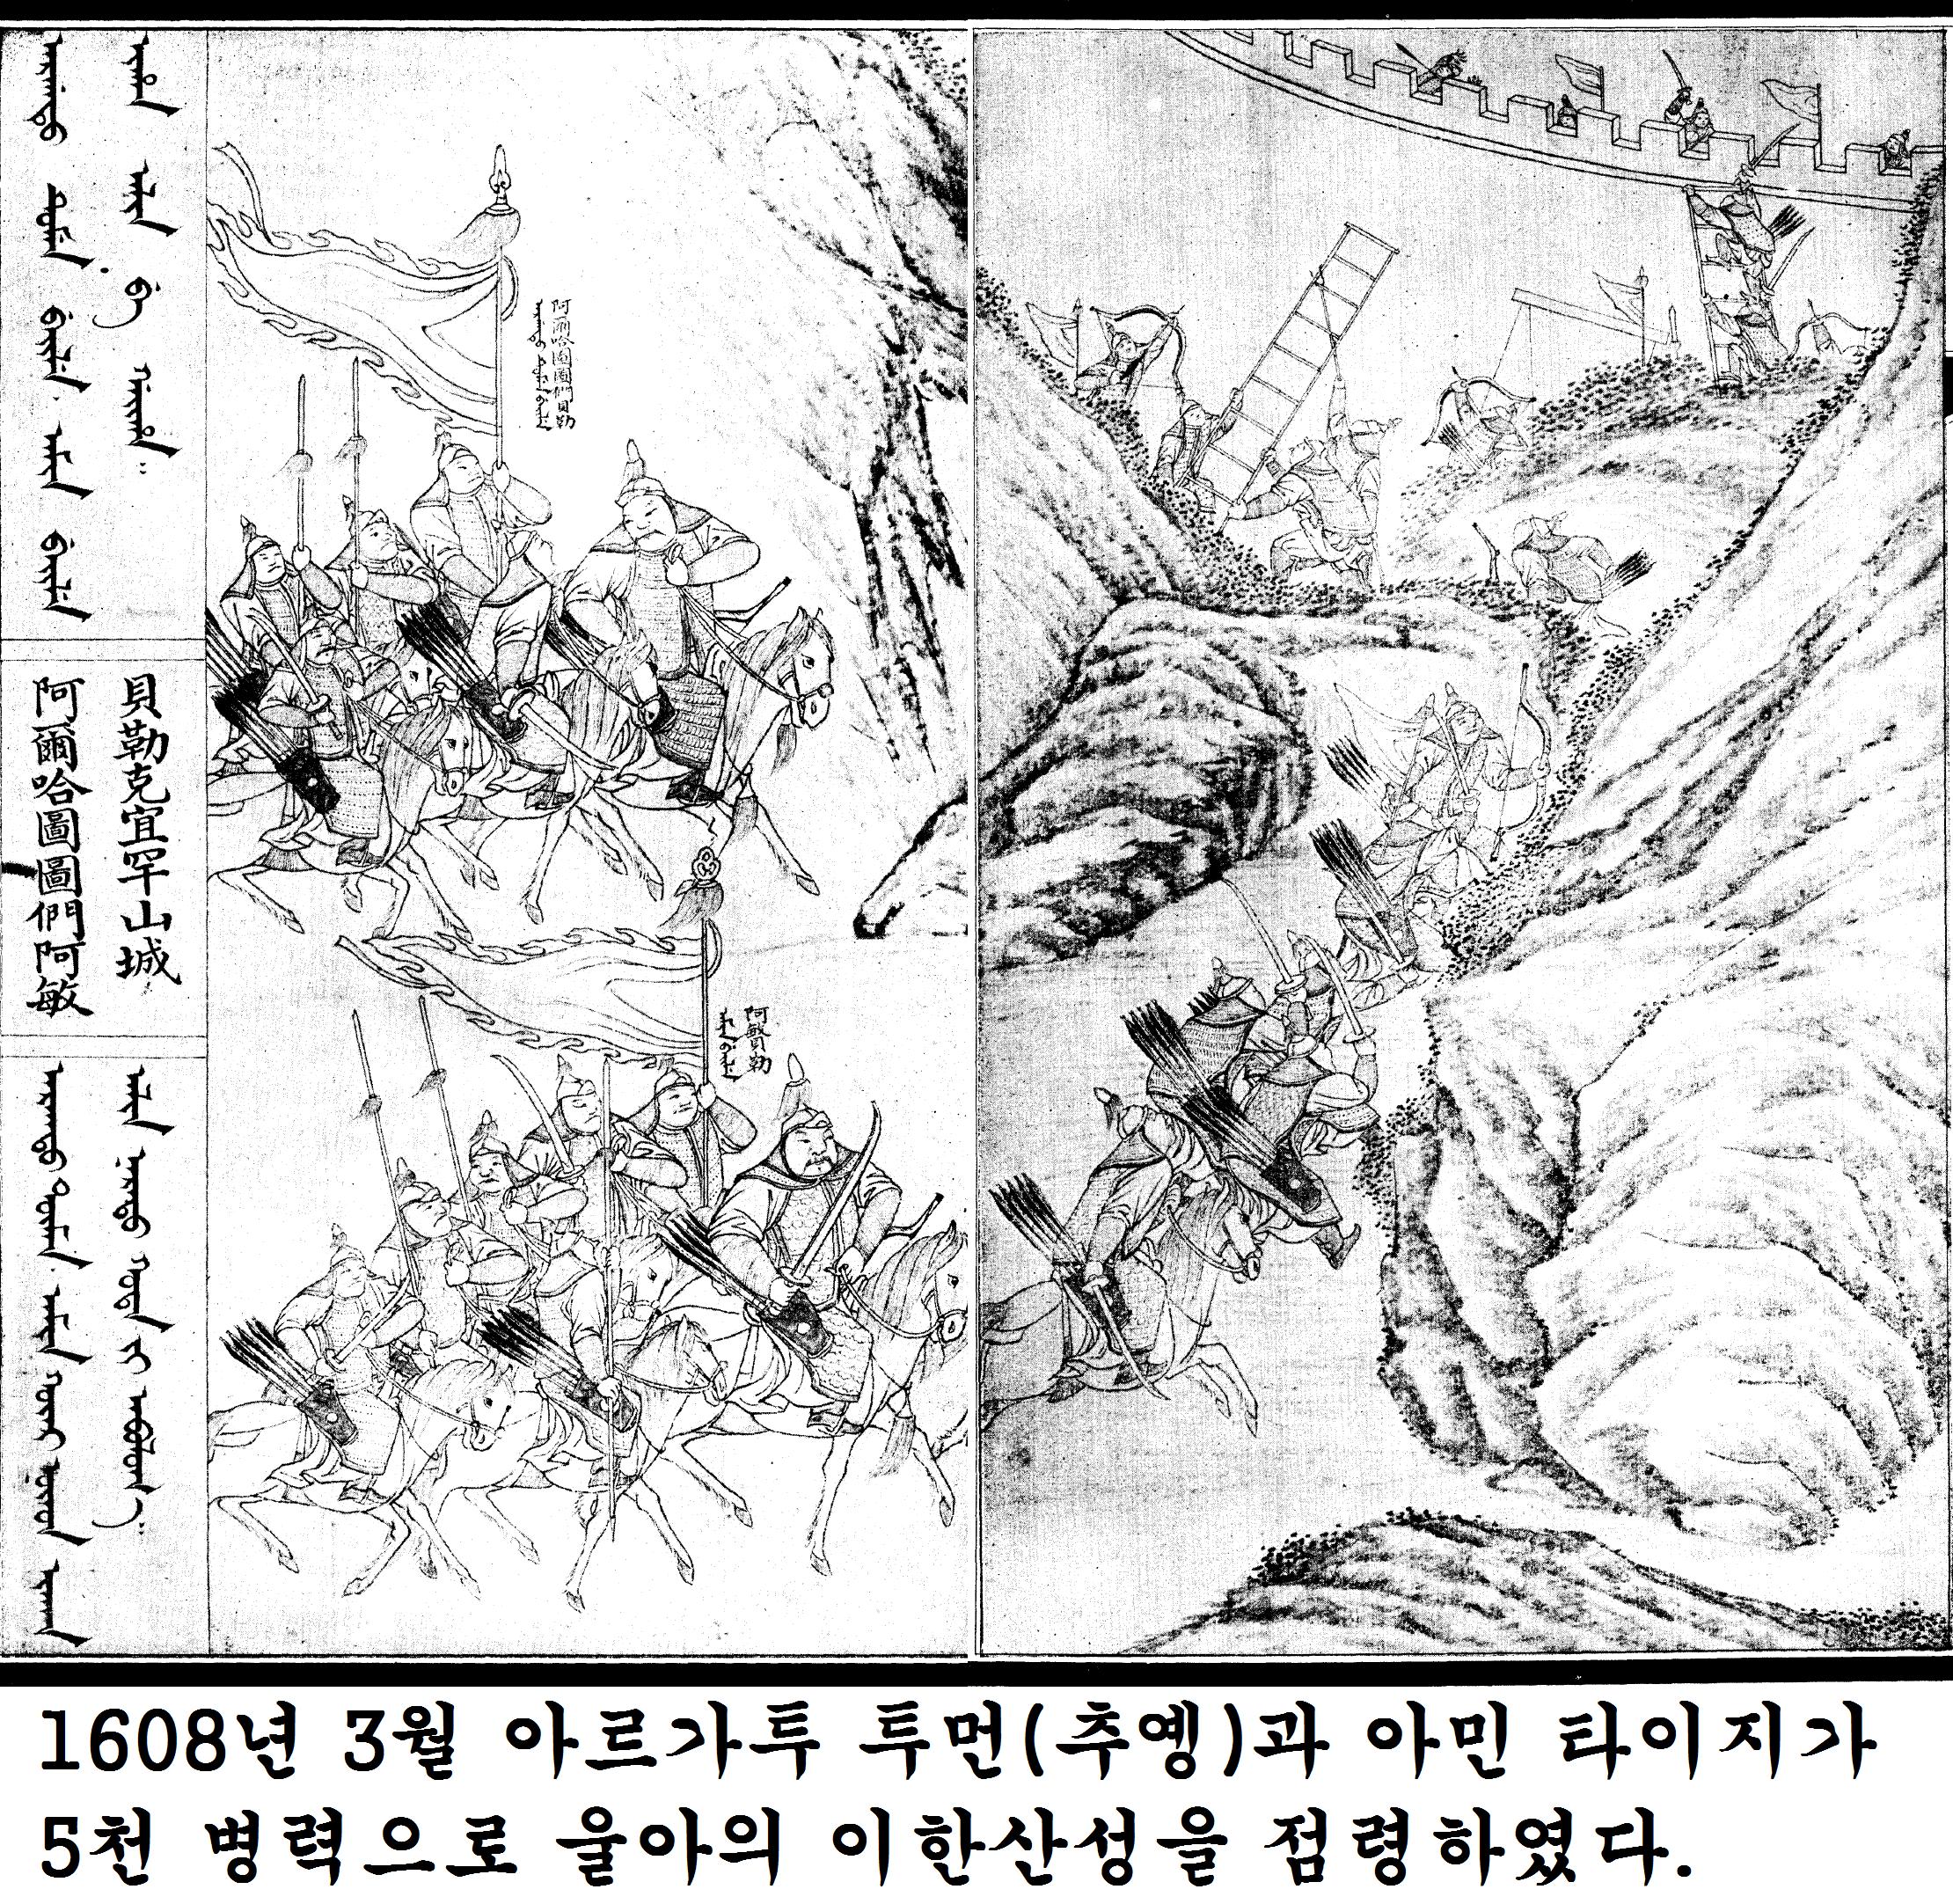 태조무황제 노아합기 국역 63부-명나라와의 불가침..